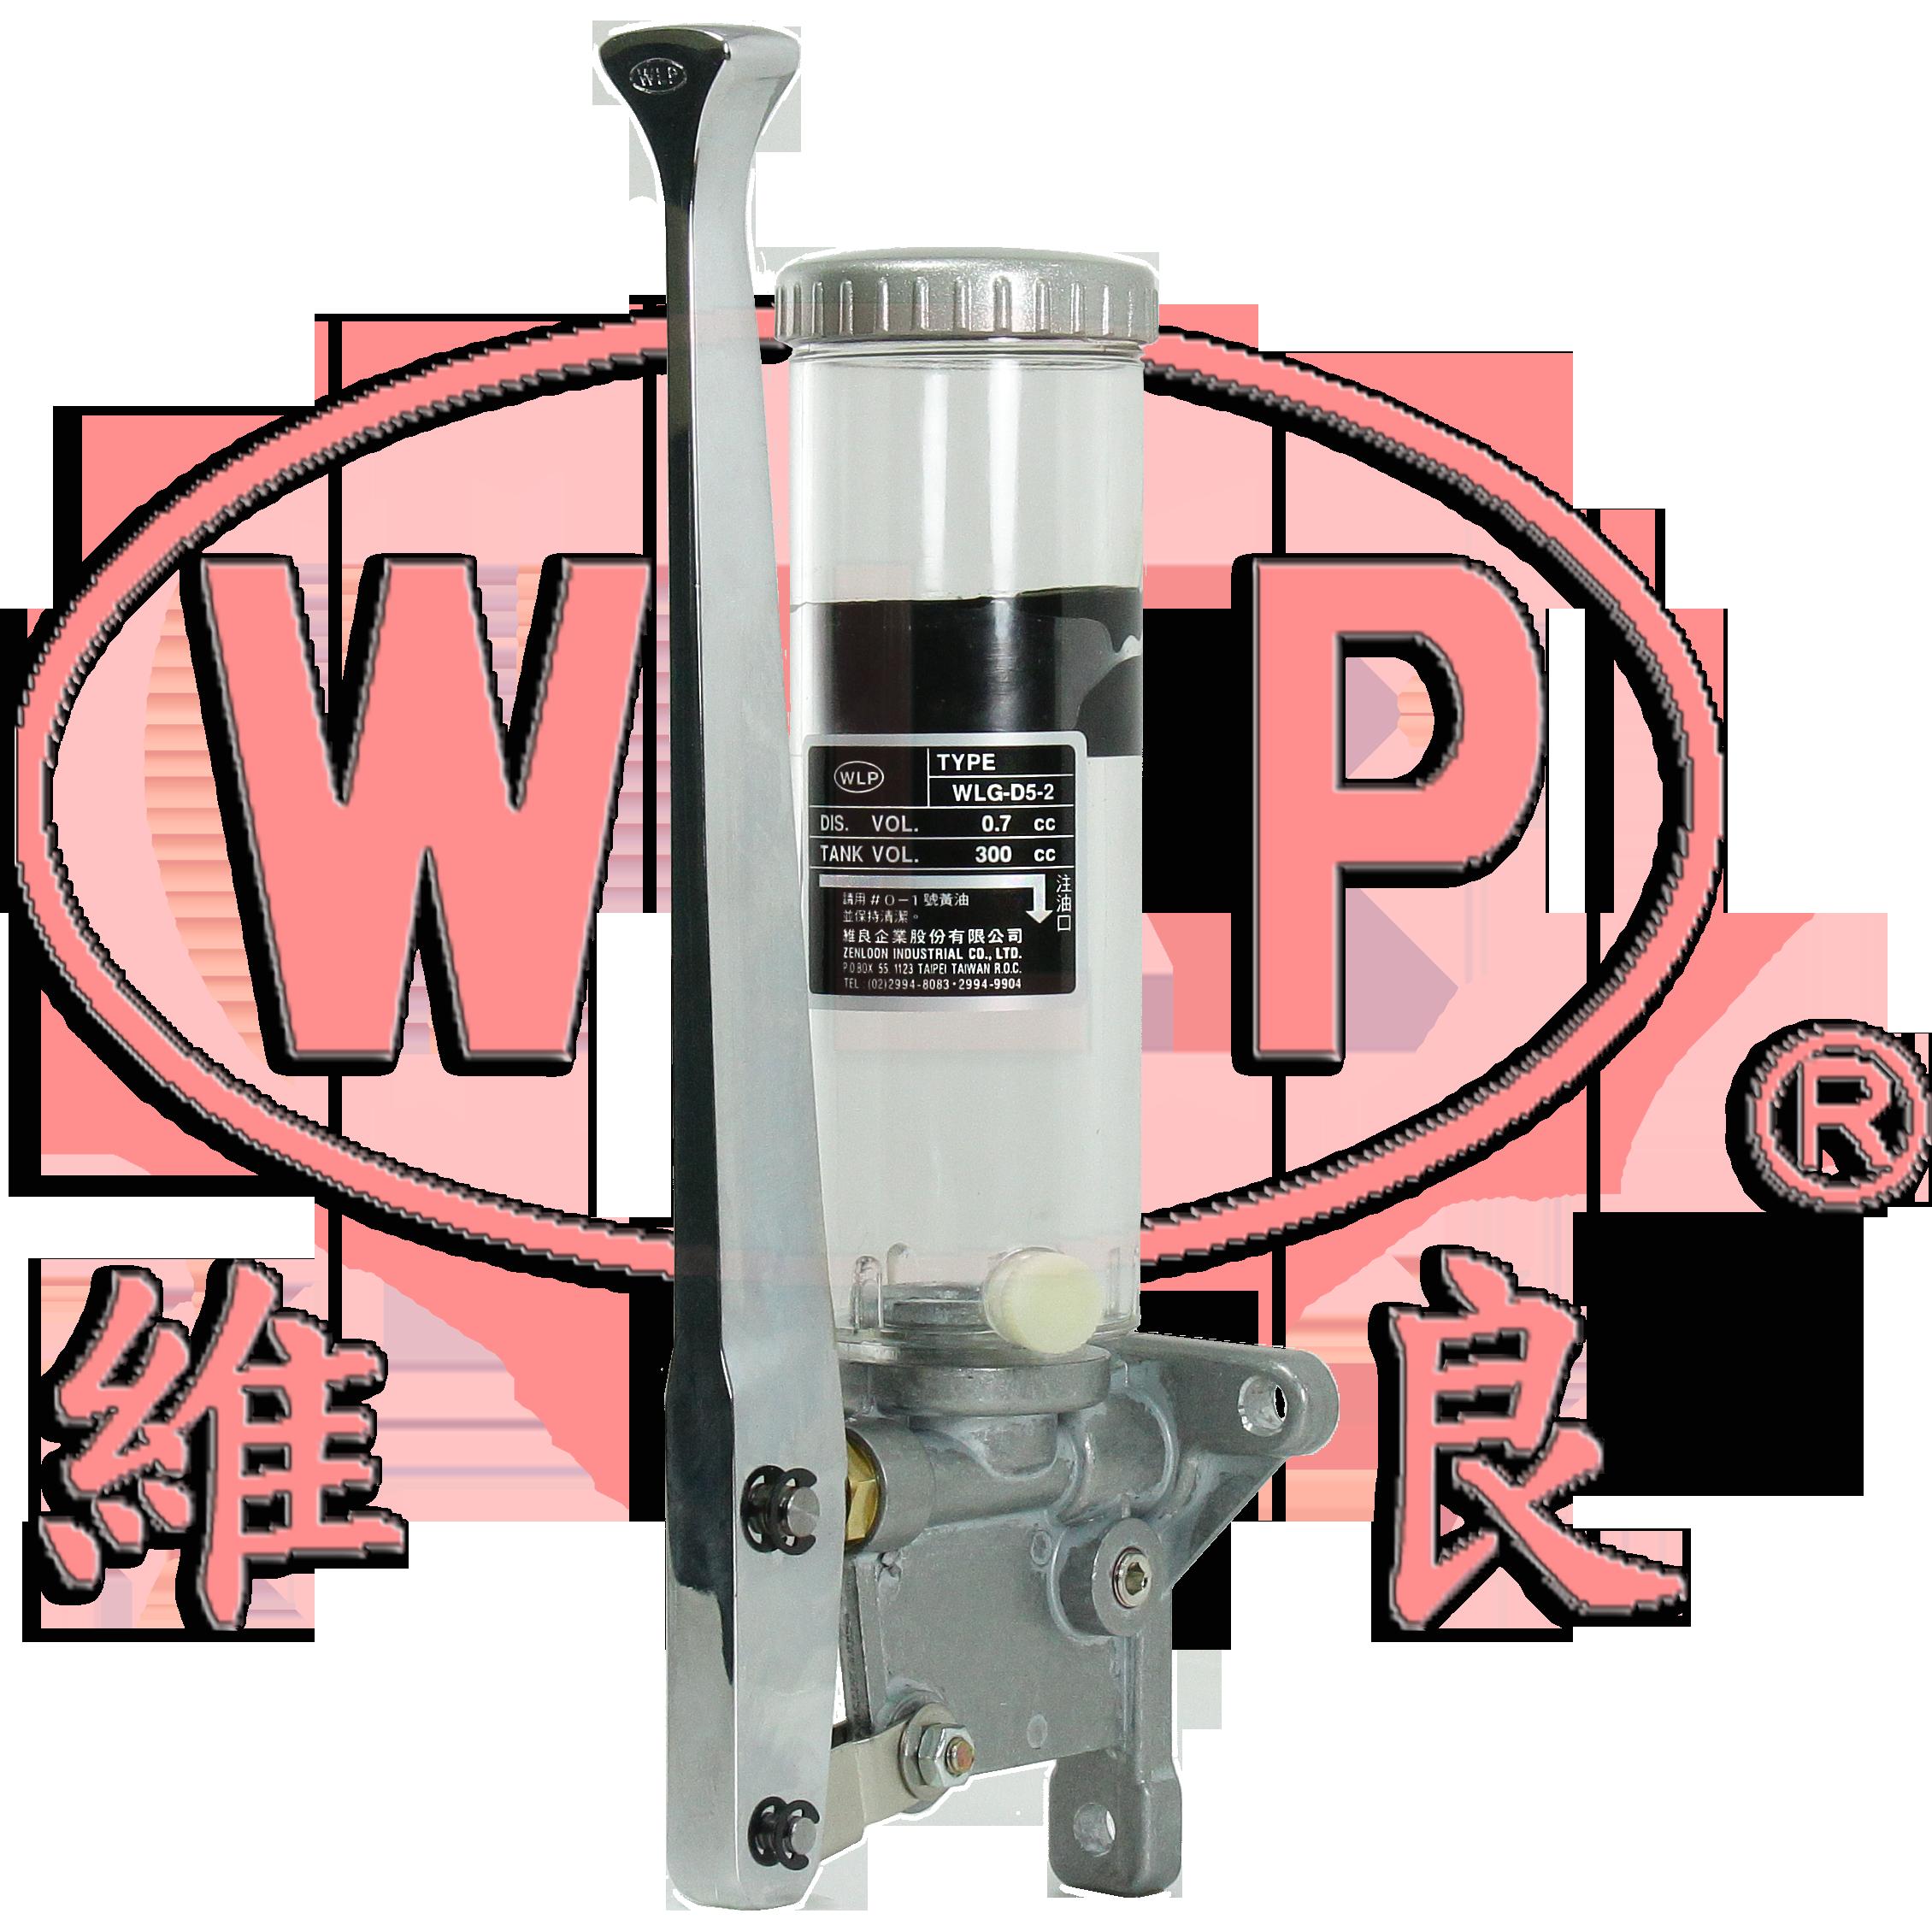 WLG-D5-2 手搖式黃油注油器